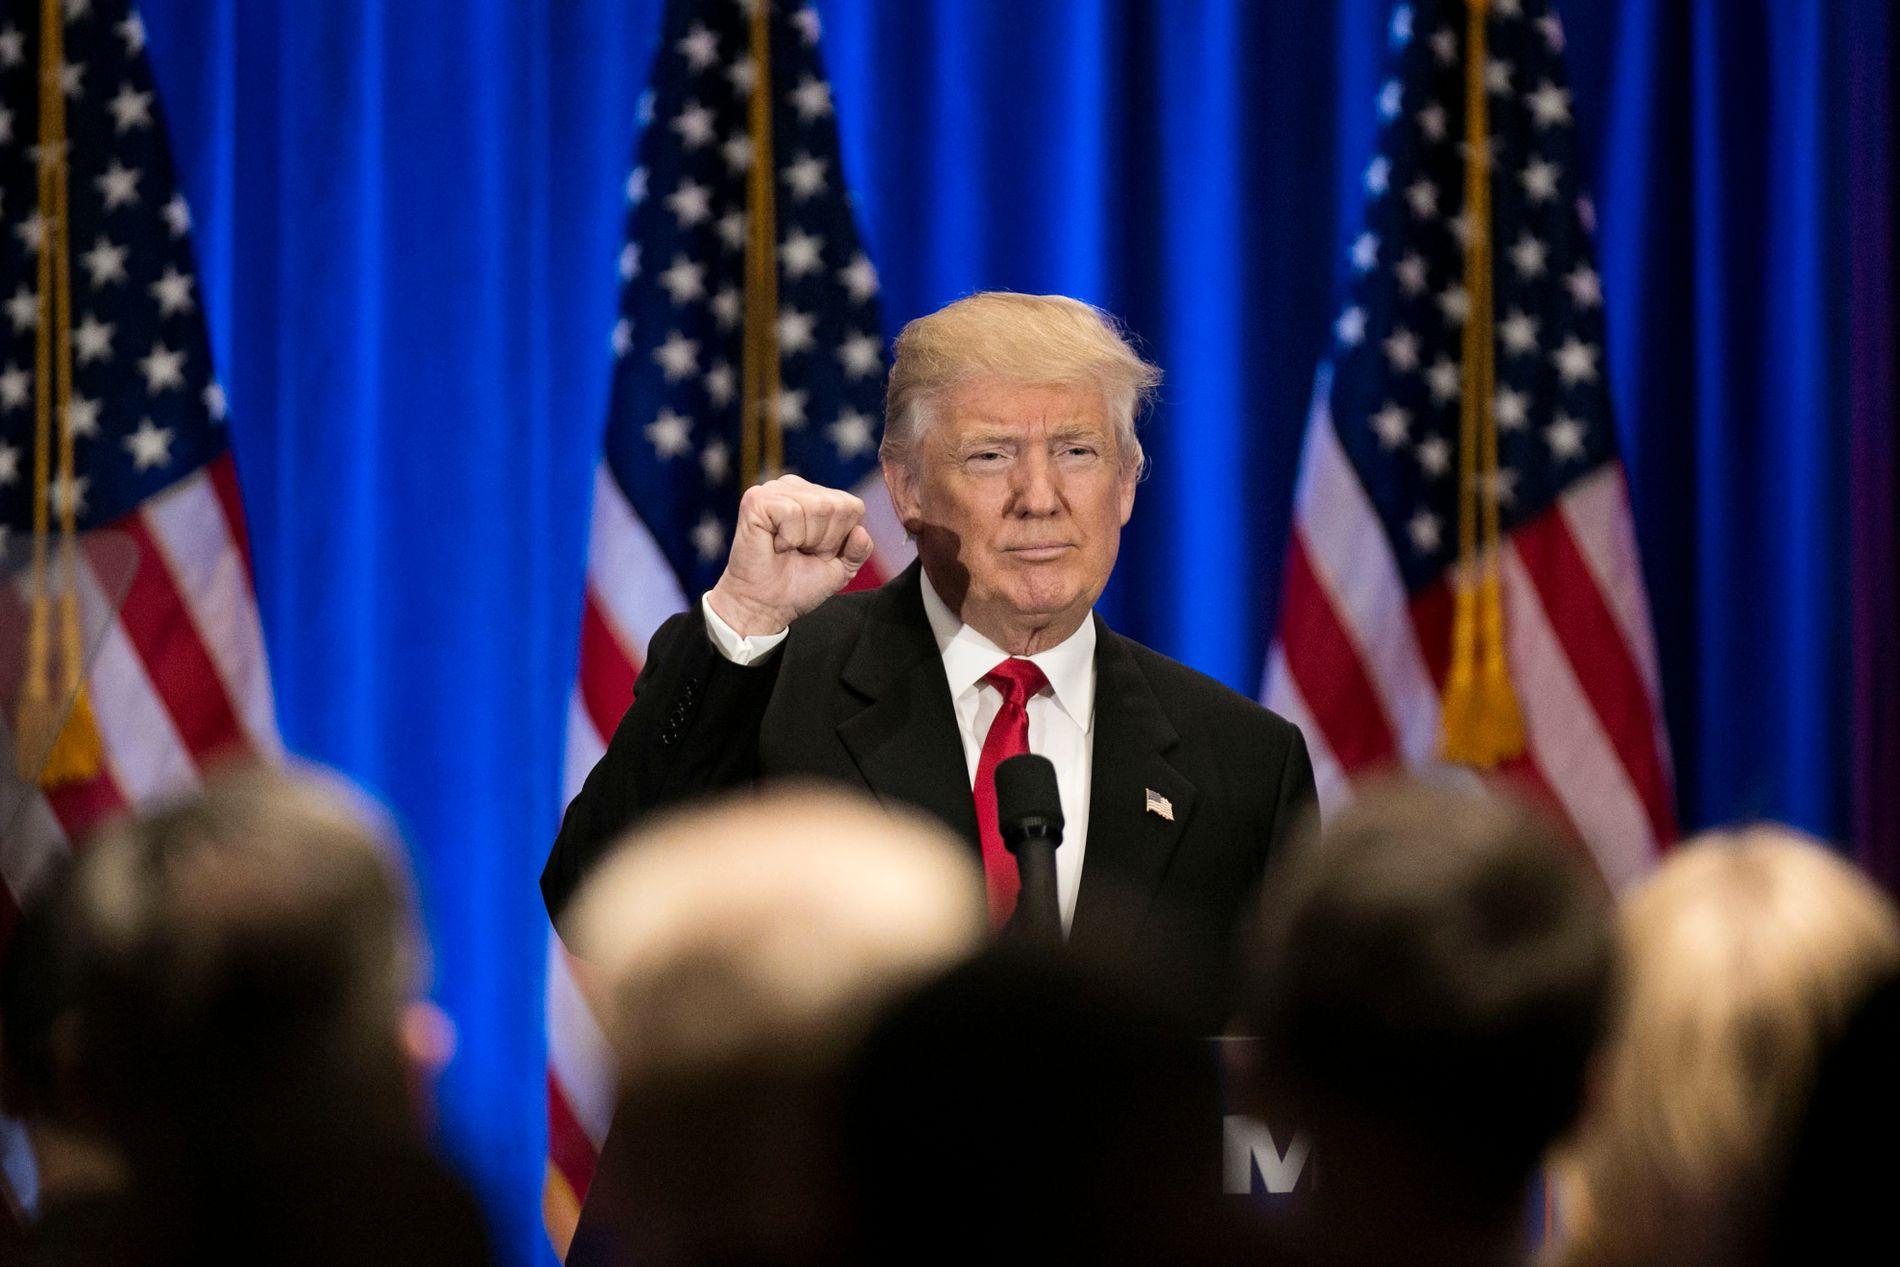 GIR INGEN GARANTI: Trump gir ingen garantier for at USA vil hjelpe dersom medlemsland blir angrepet av Russland.